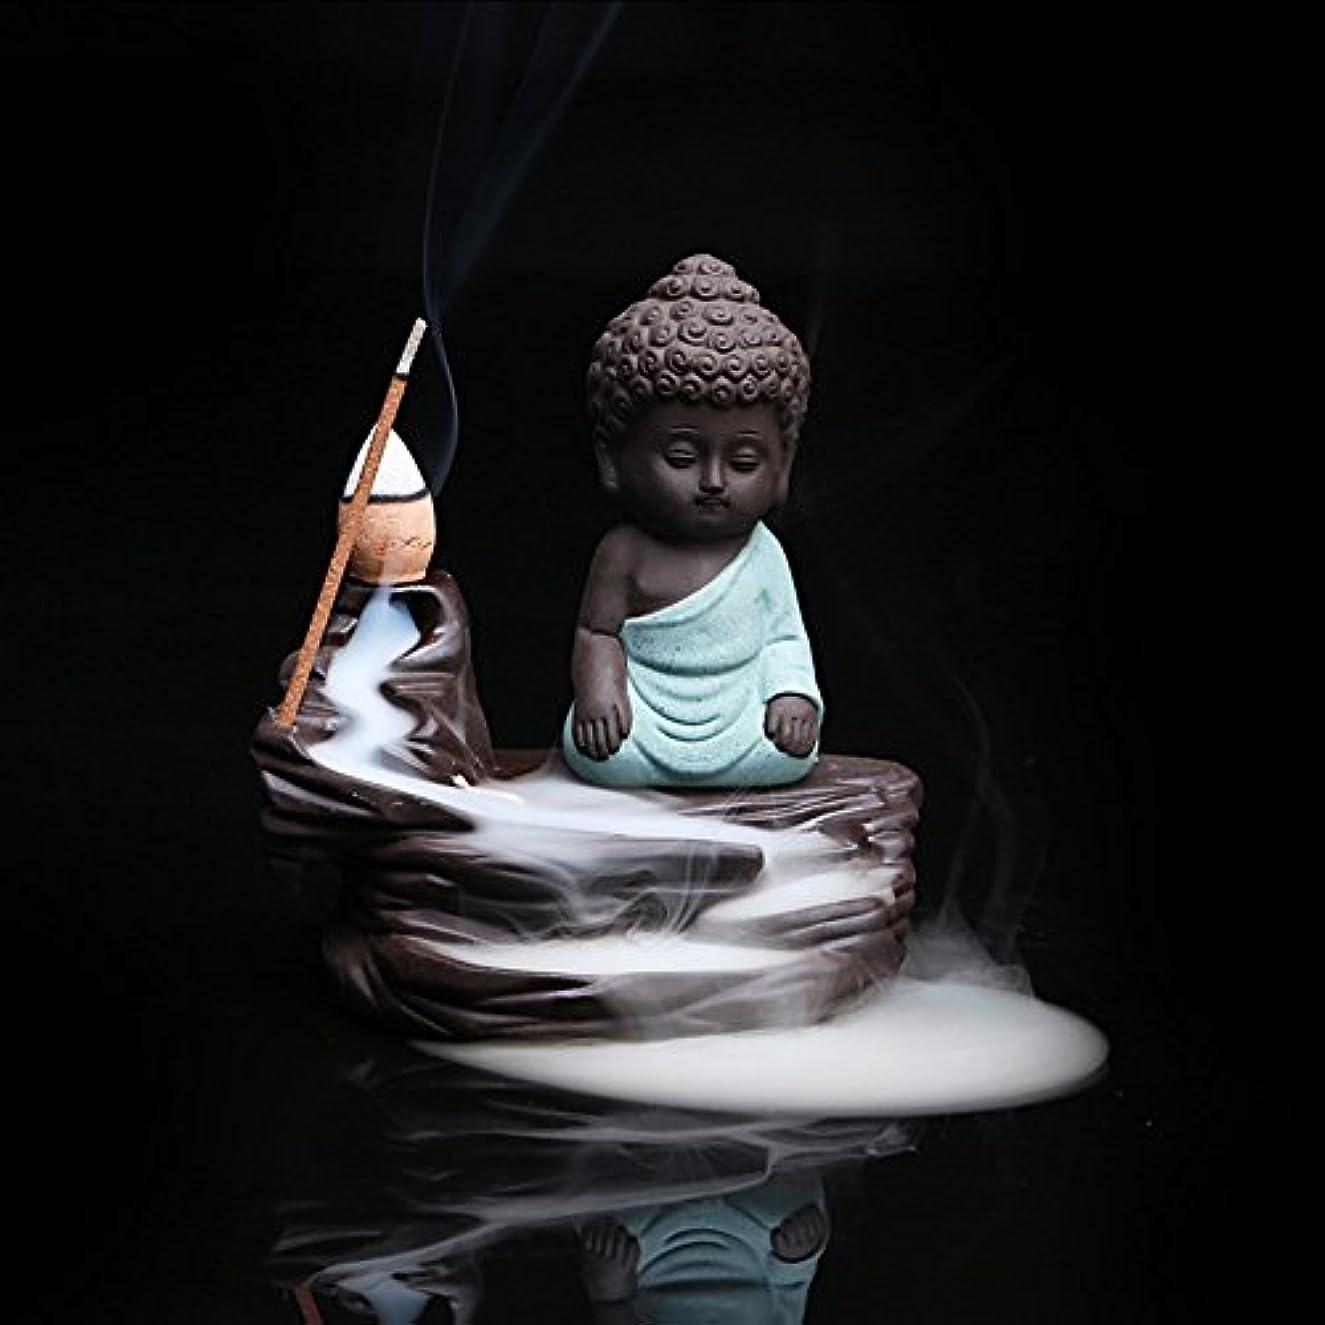 小川いたずらな窒素Ocamo クリエイティブセラミック香炉 逆流香炉 コーンスティックホルダー 小さな仏陀 ホームデコレーション用